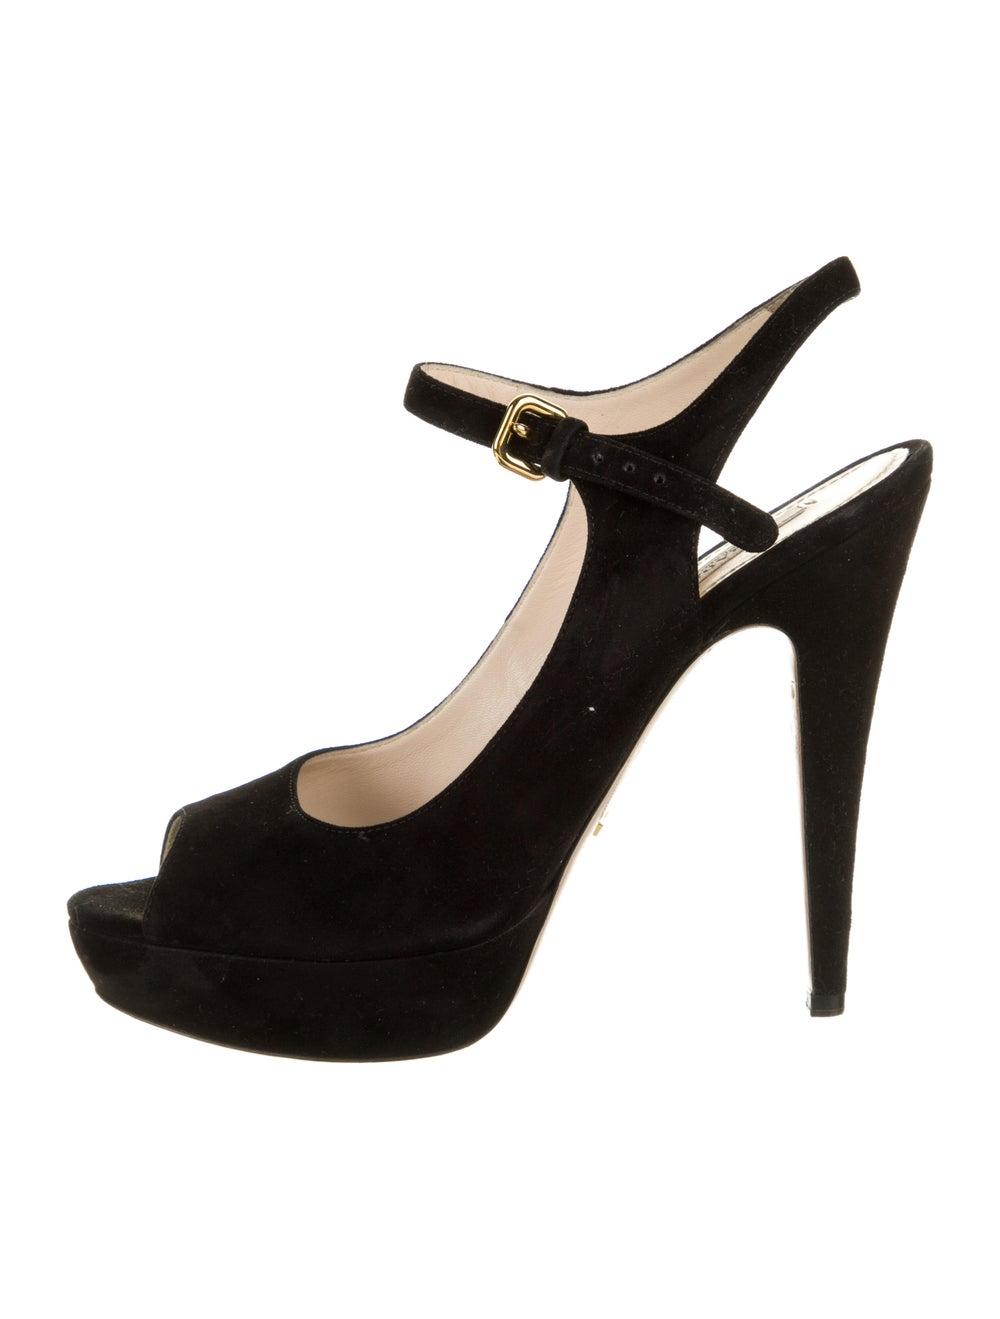 Prada Suede Sandals Black - image 1